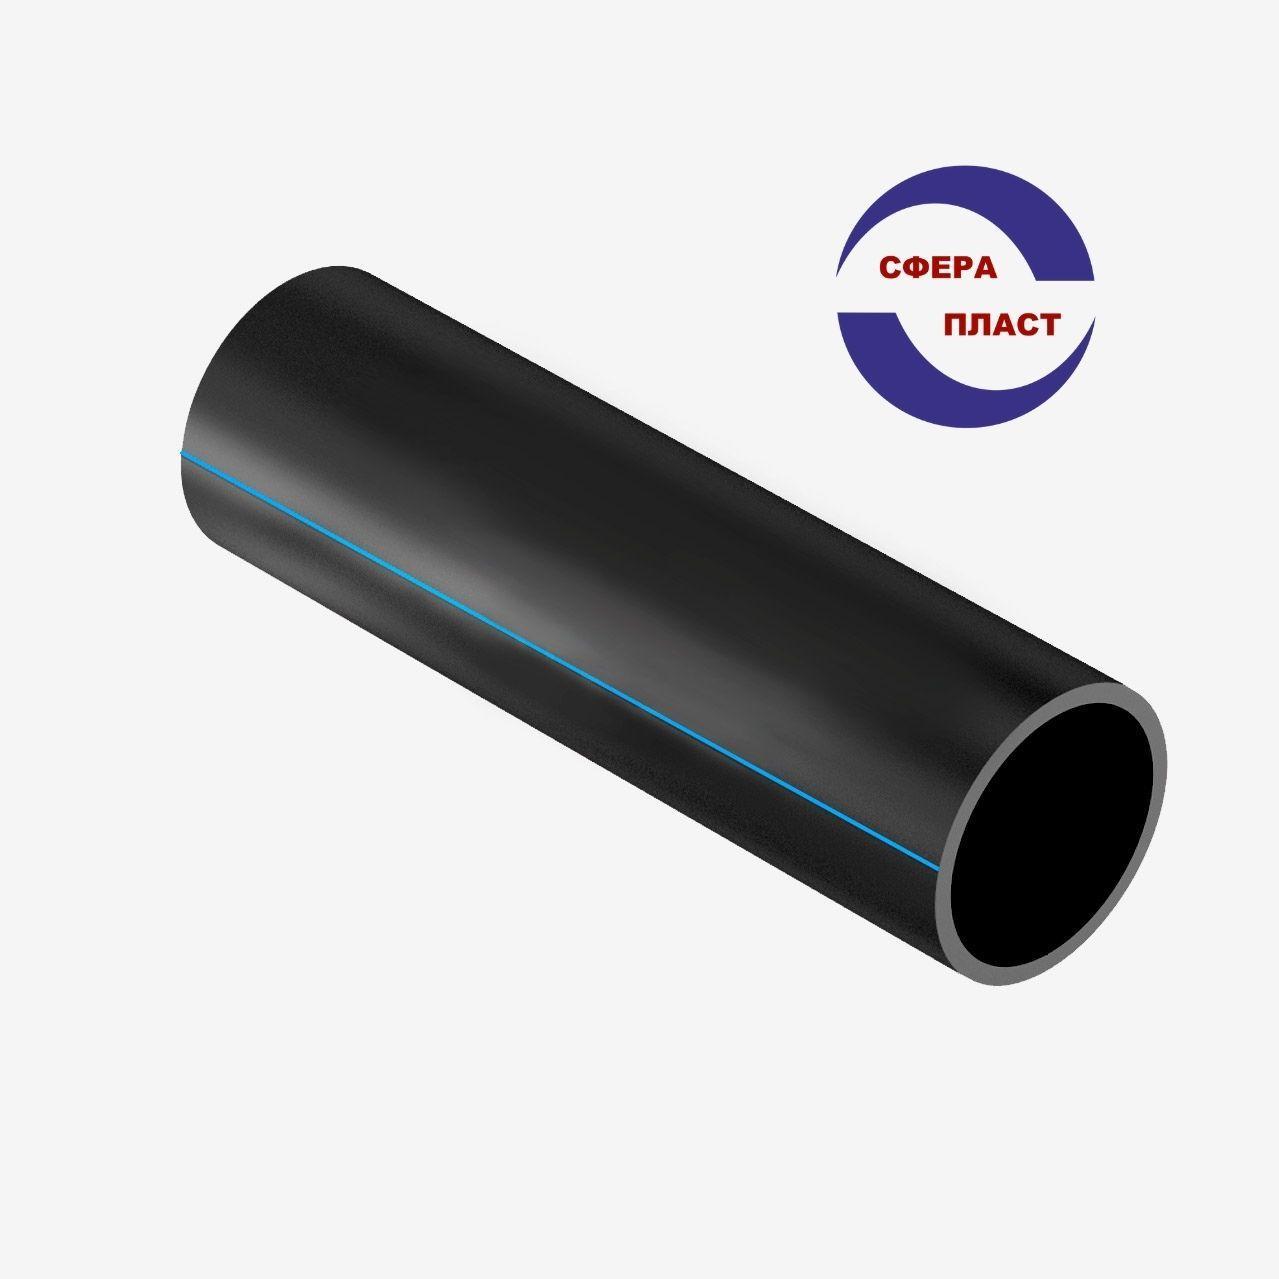 Труба Ду-355x21,1 SDR17 (10 атм) полиэтиленовая ПЭ-100